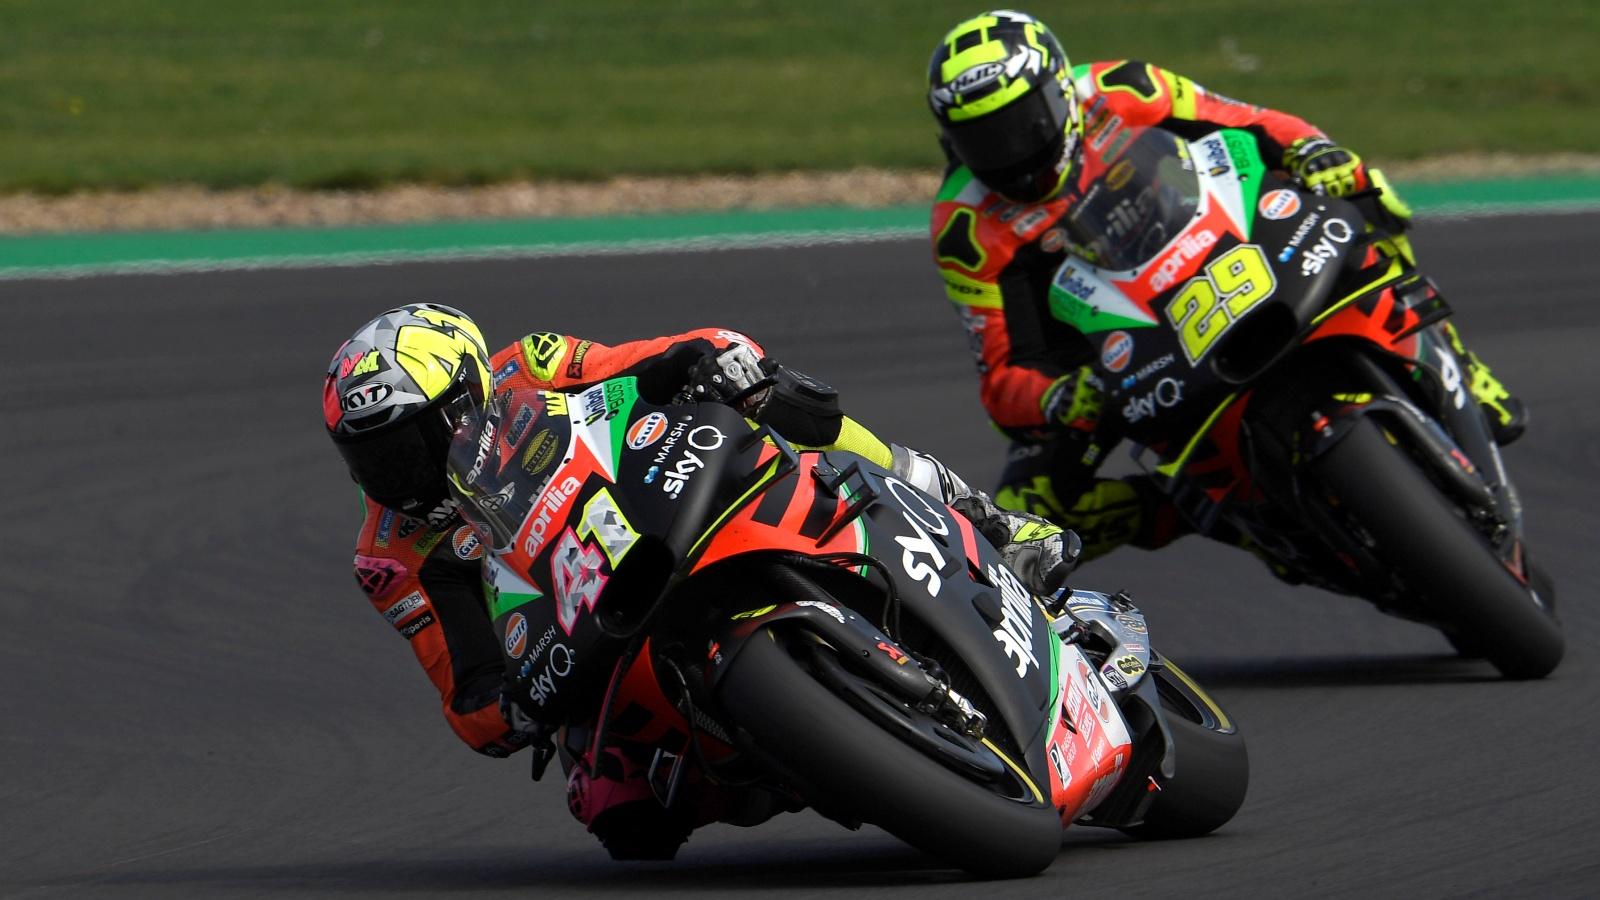 """Aleix Espargaró: """"Mi moto idéntica a la de Iannone, pero hay otras diferencias de pilotaje"""""""